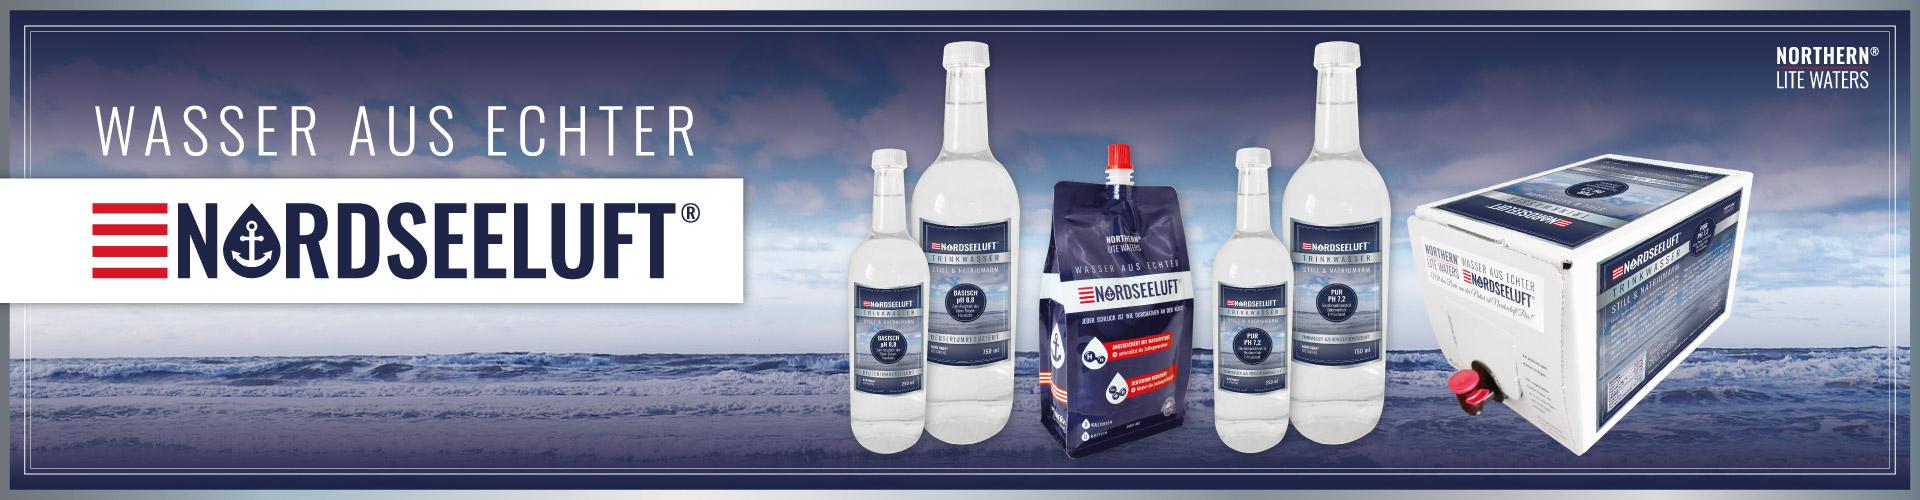 Nordseeluft zum Trinken